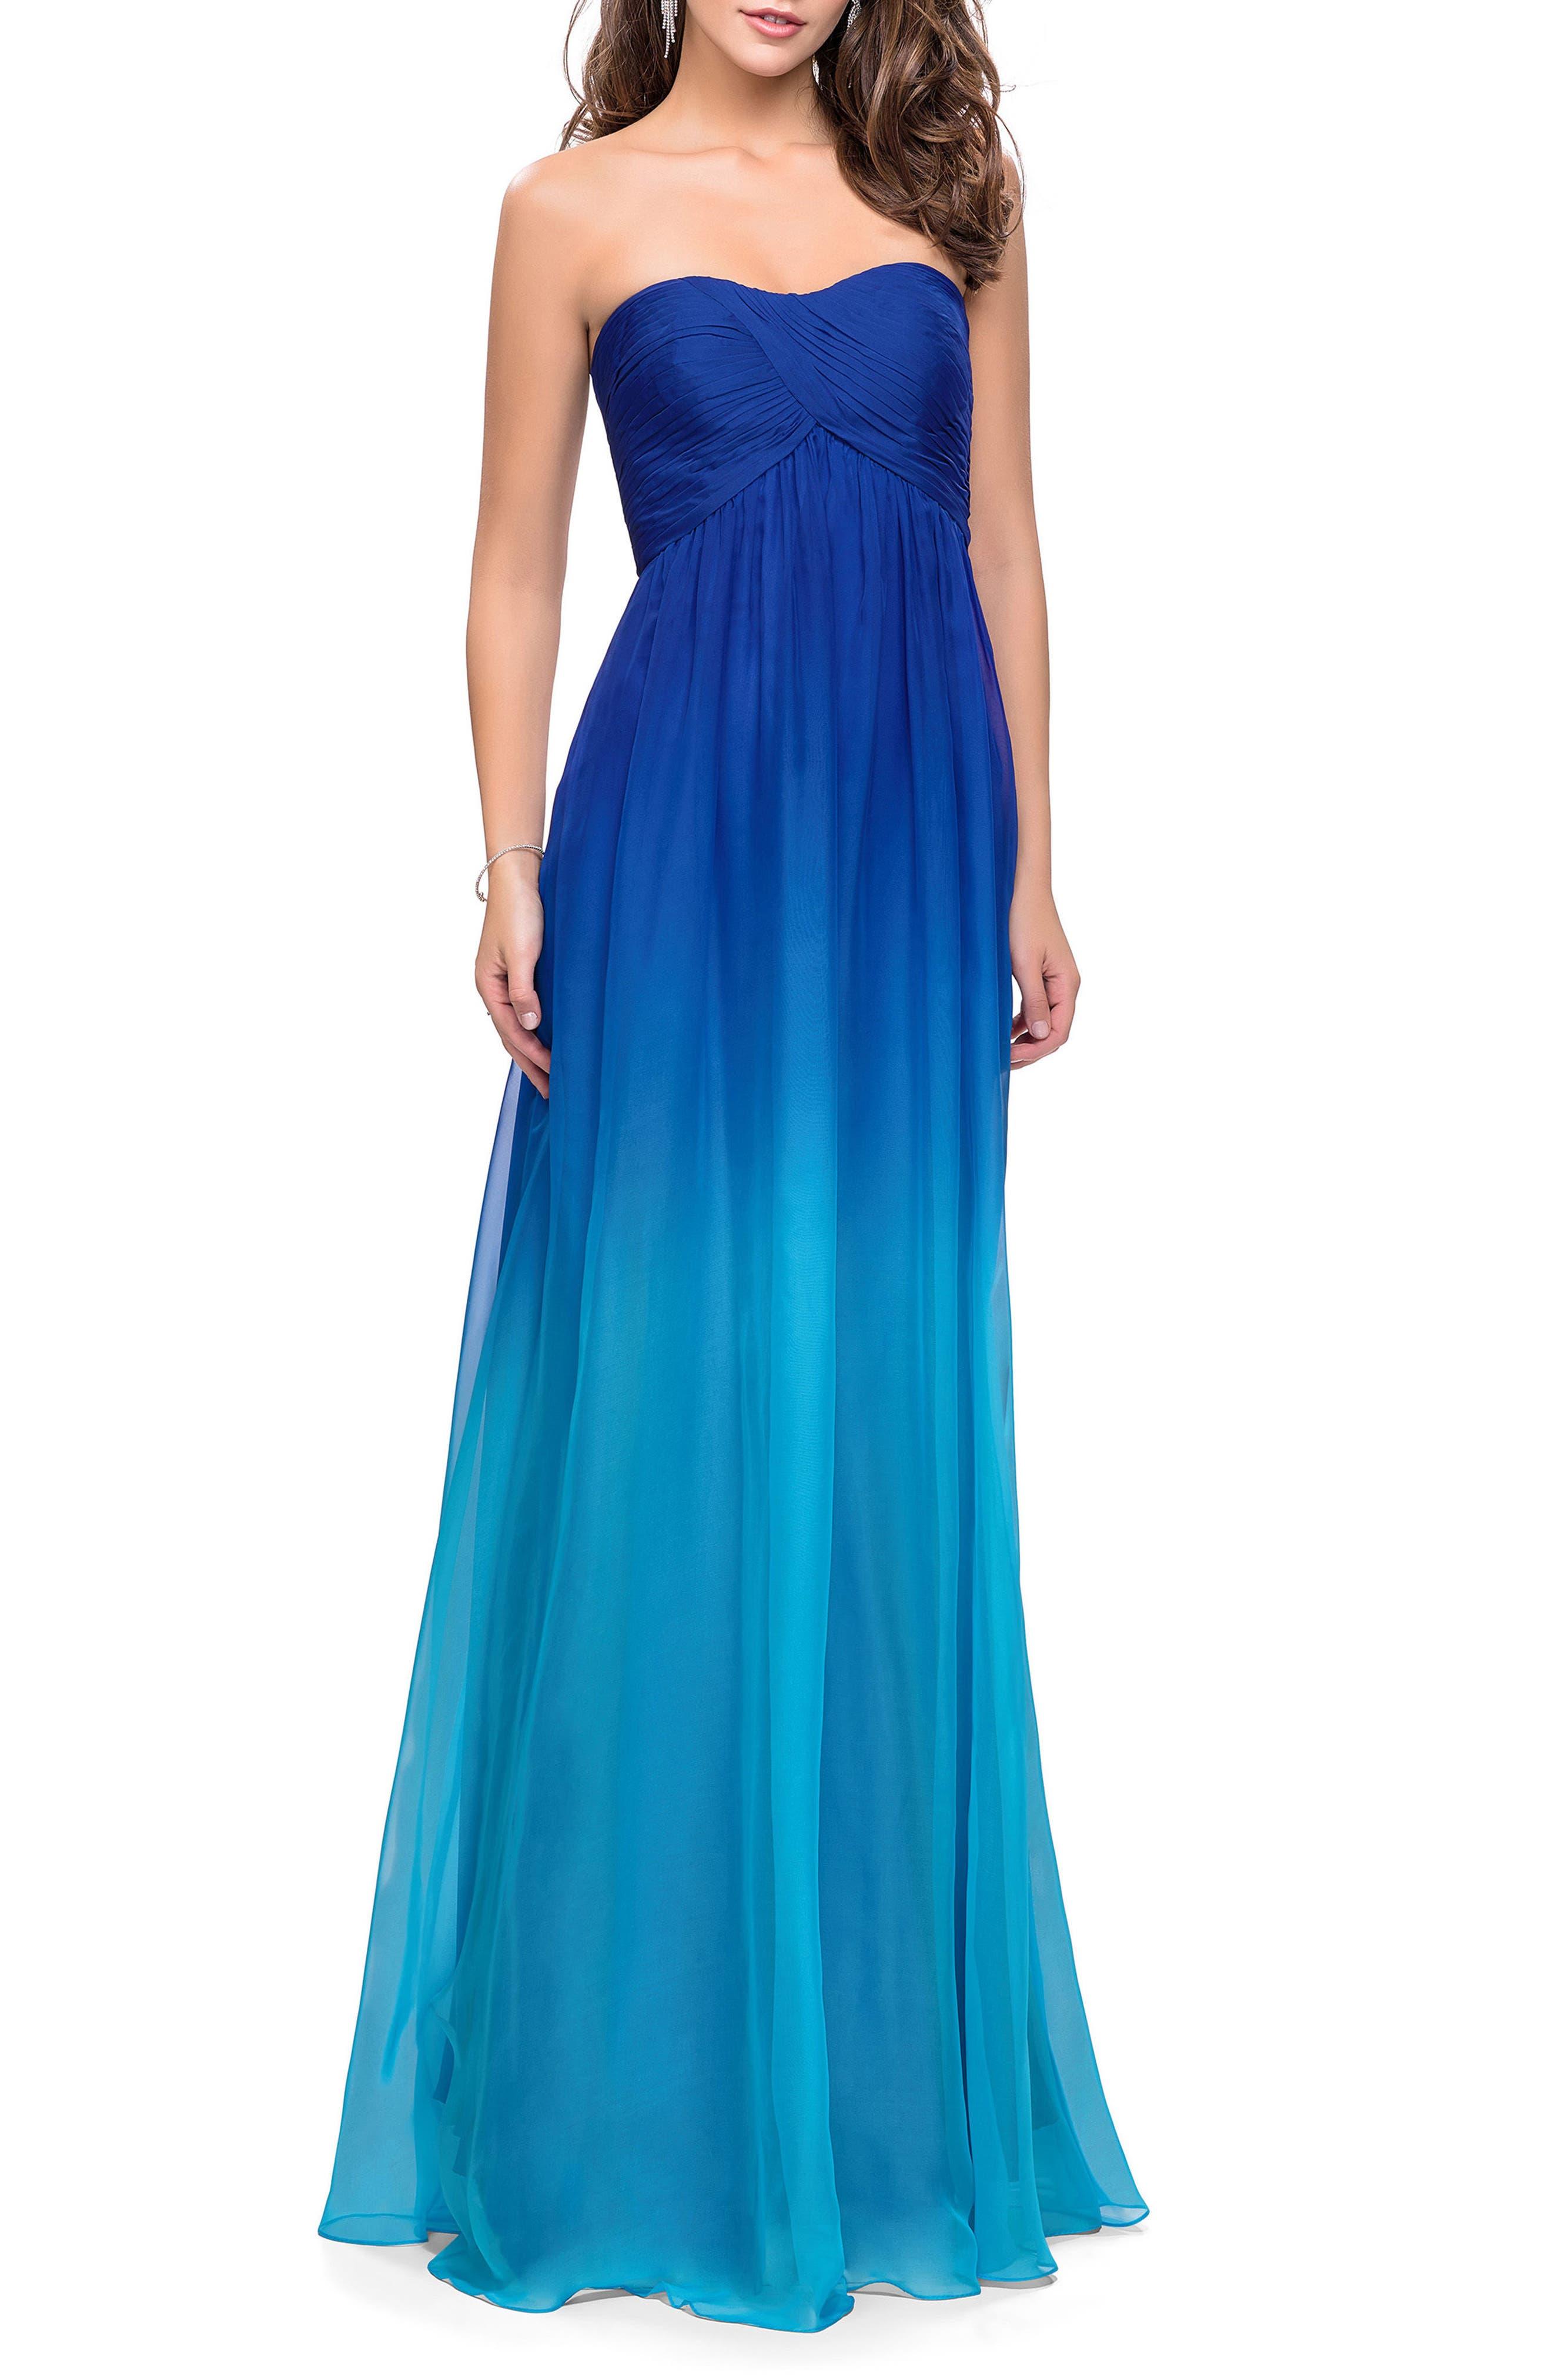 LA FEMME Ruched Ombré Chiffon Strapless Gown, Main, color, 440